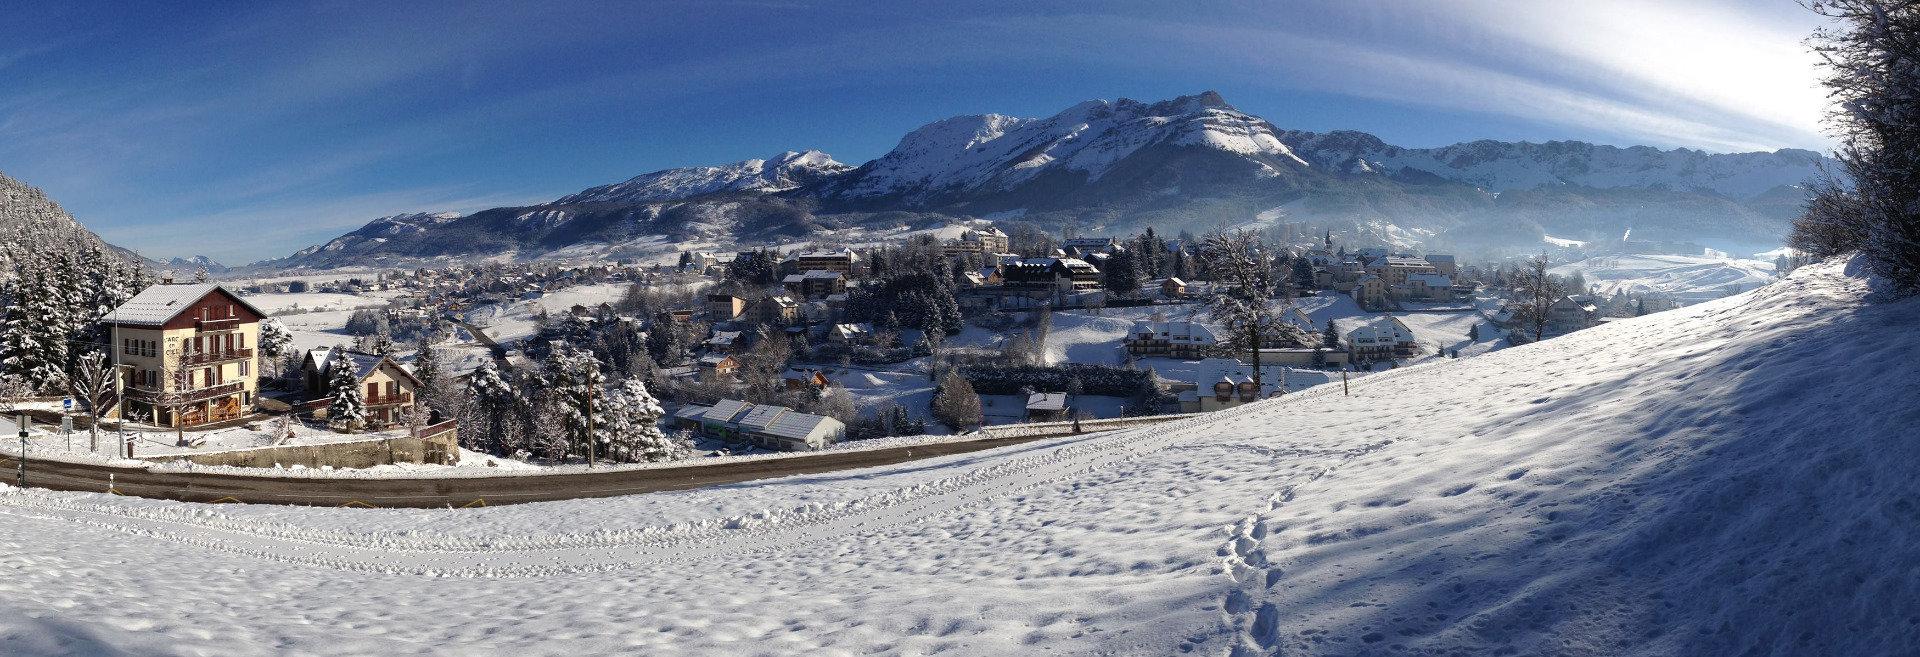 Vue sur le village de Villard de Lans et son domaine skiable - © Office de Tourisme de Villard de Lans